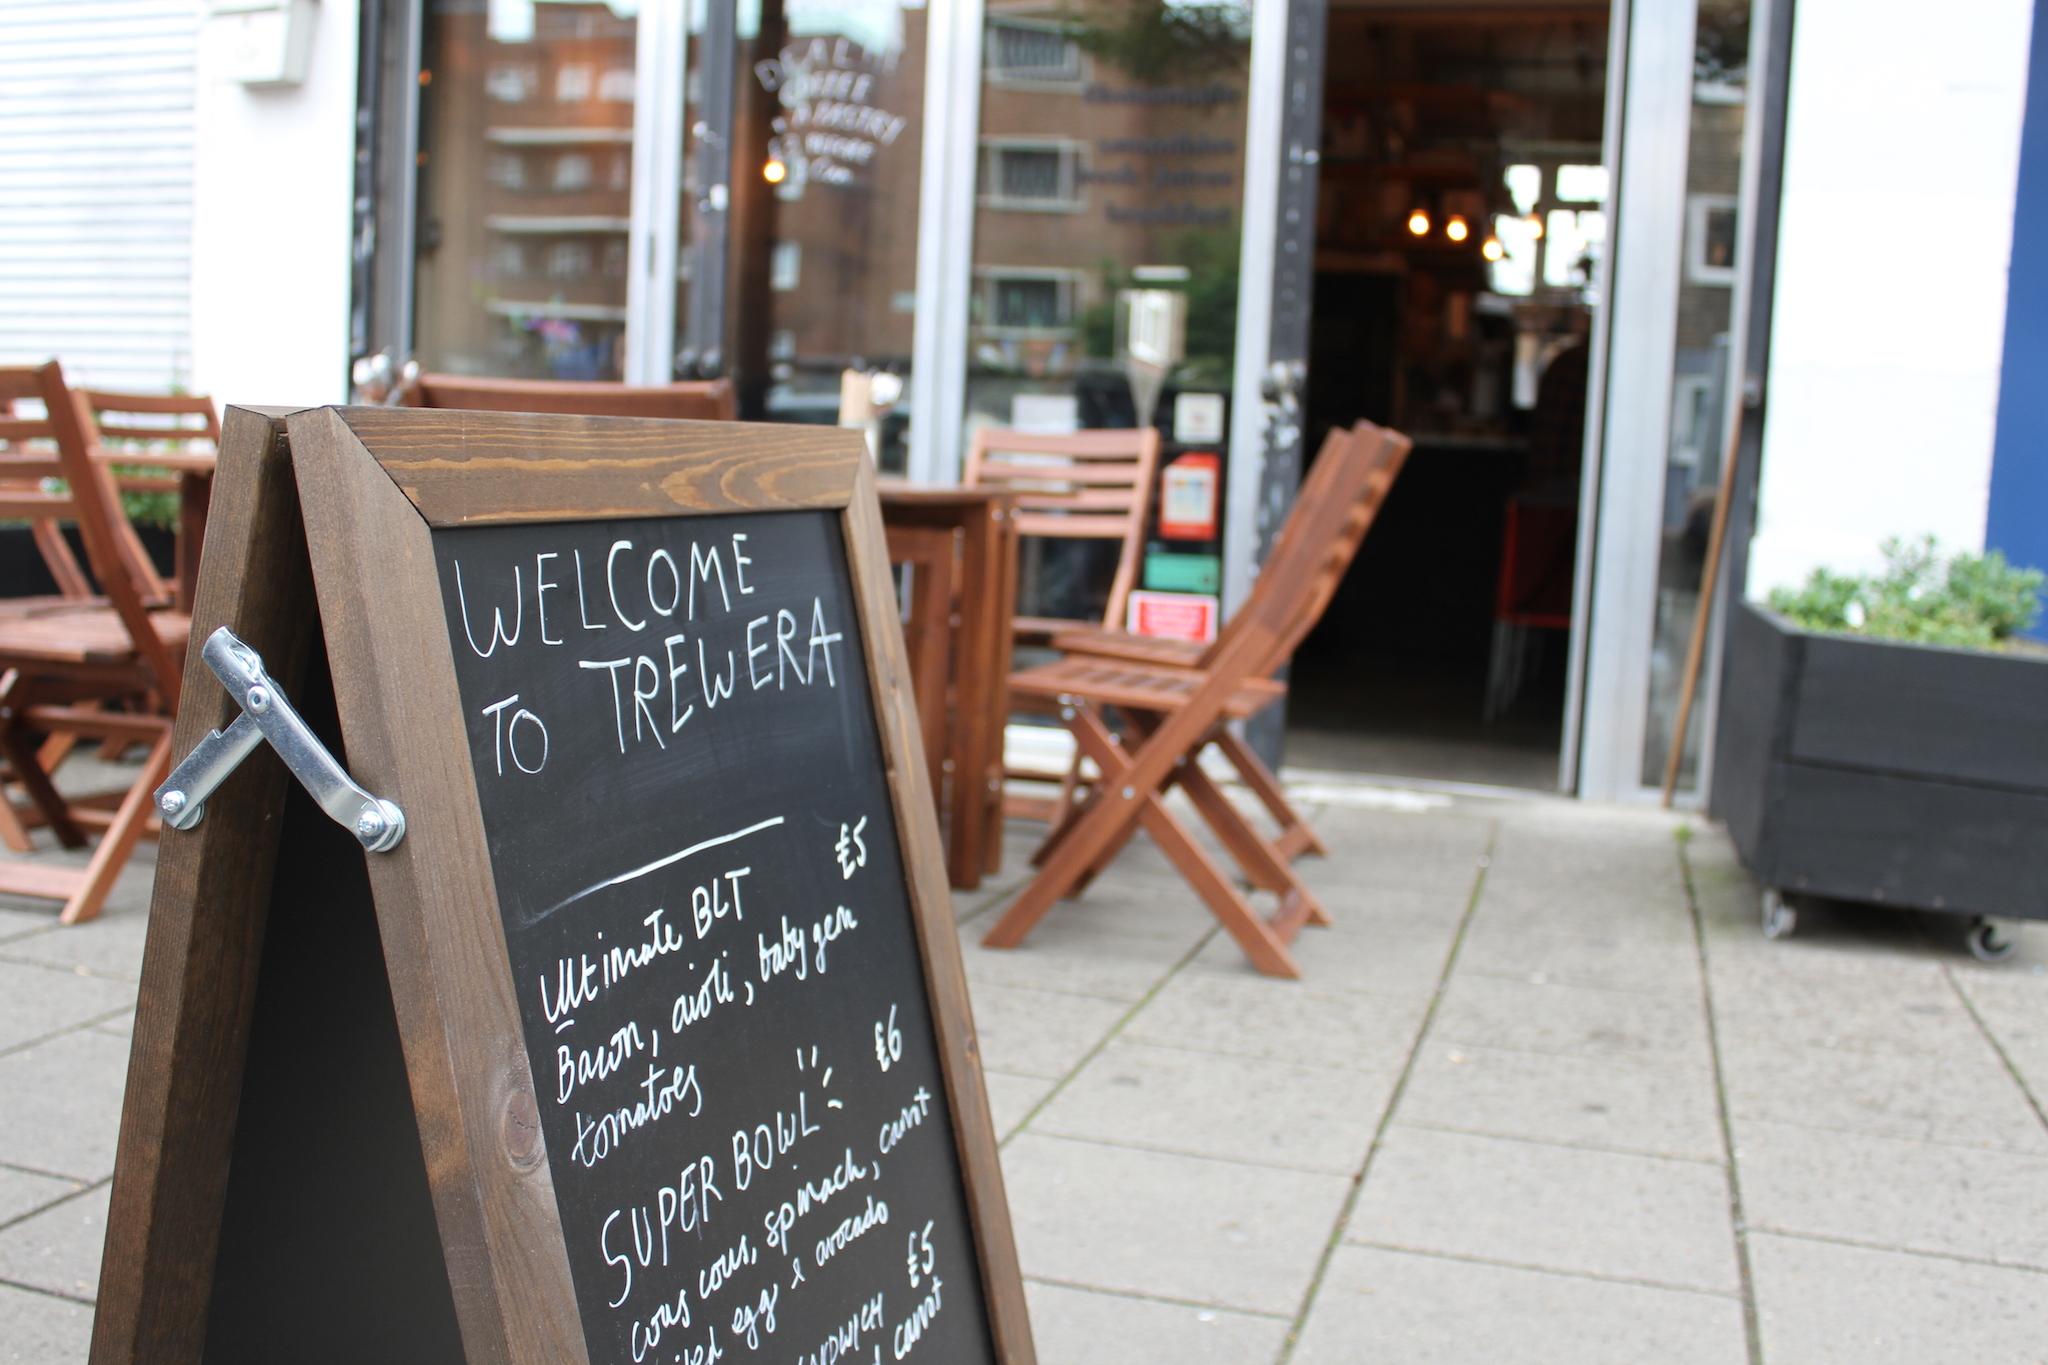 Trew Era Cafe